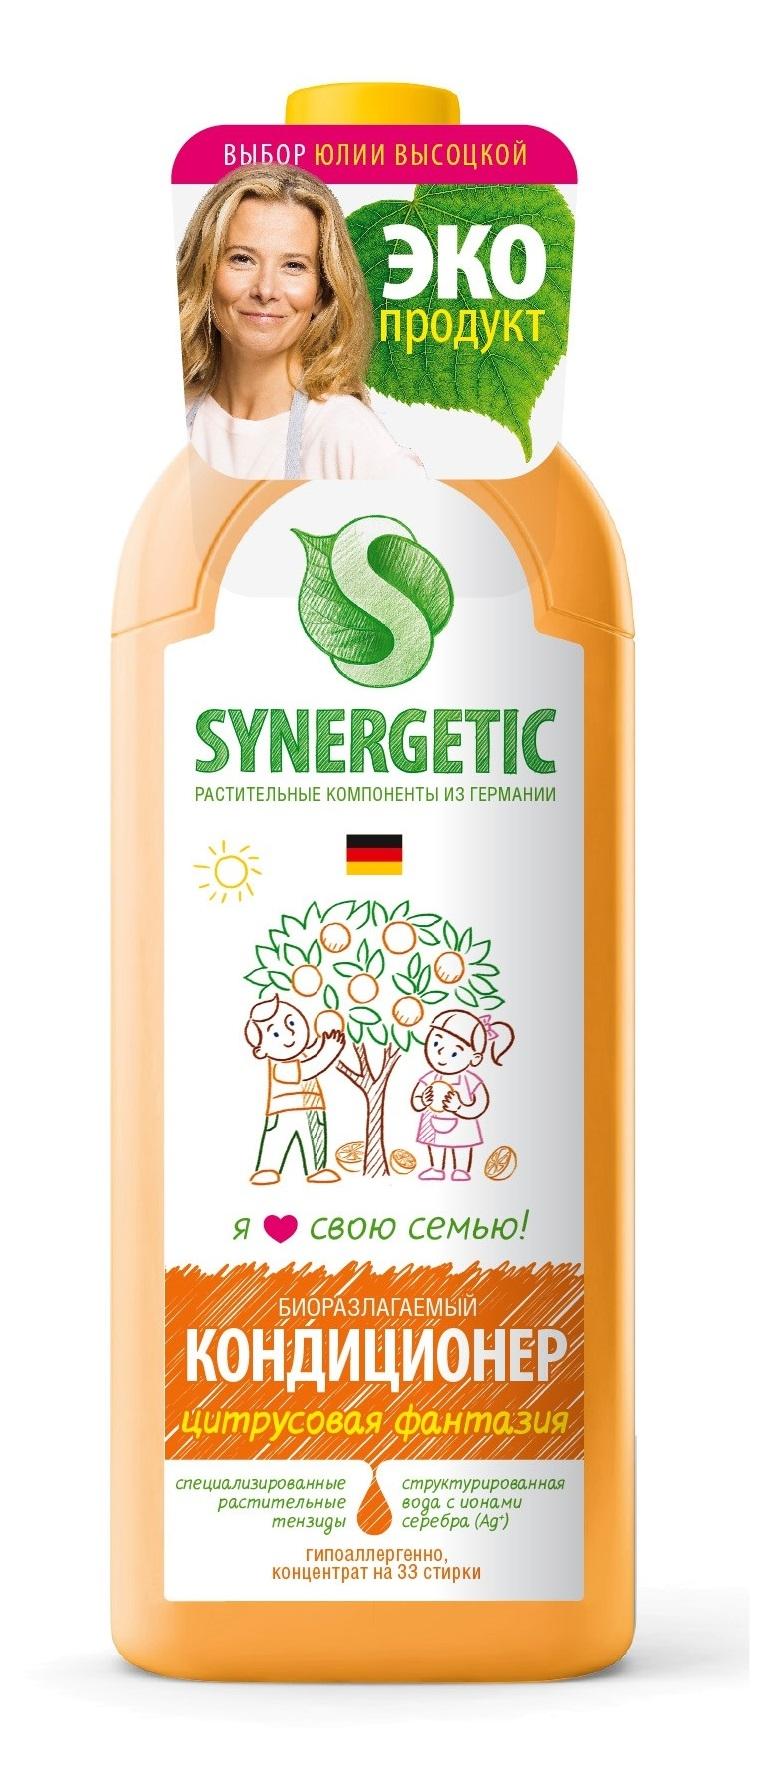 Бытовая химия Synergetic Кондиционер для белья Synergetic «Цитрусовая фантазия» 1 л л г нагаева ребенок говорит неправду фантазия или обман